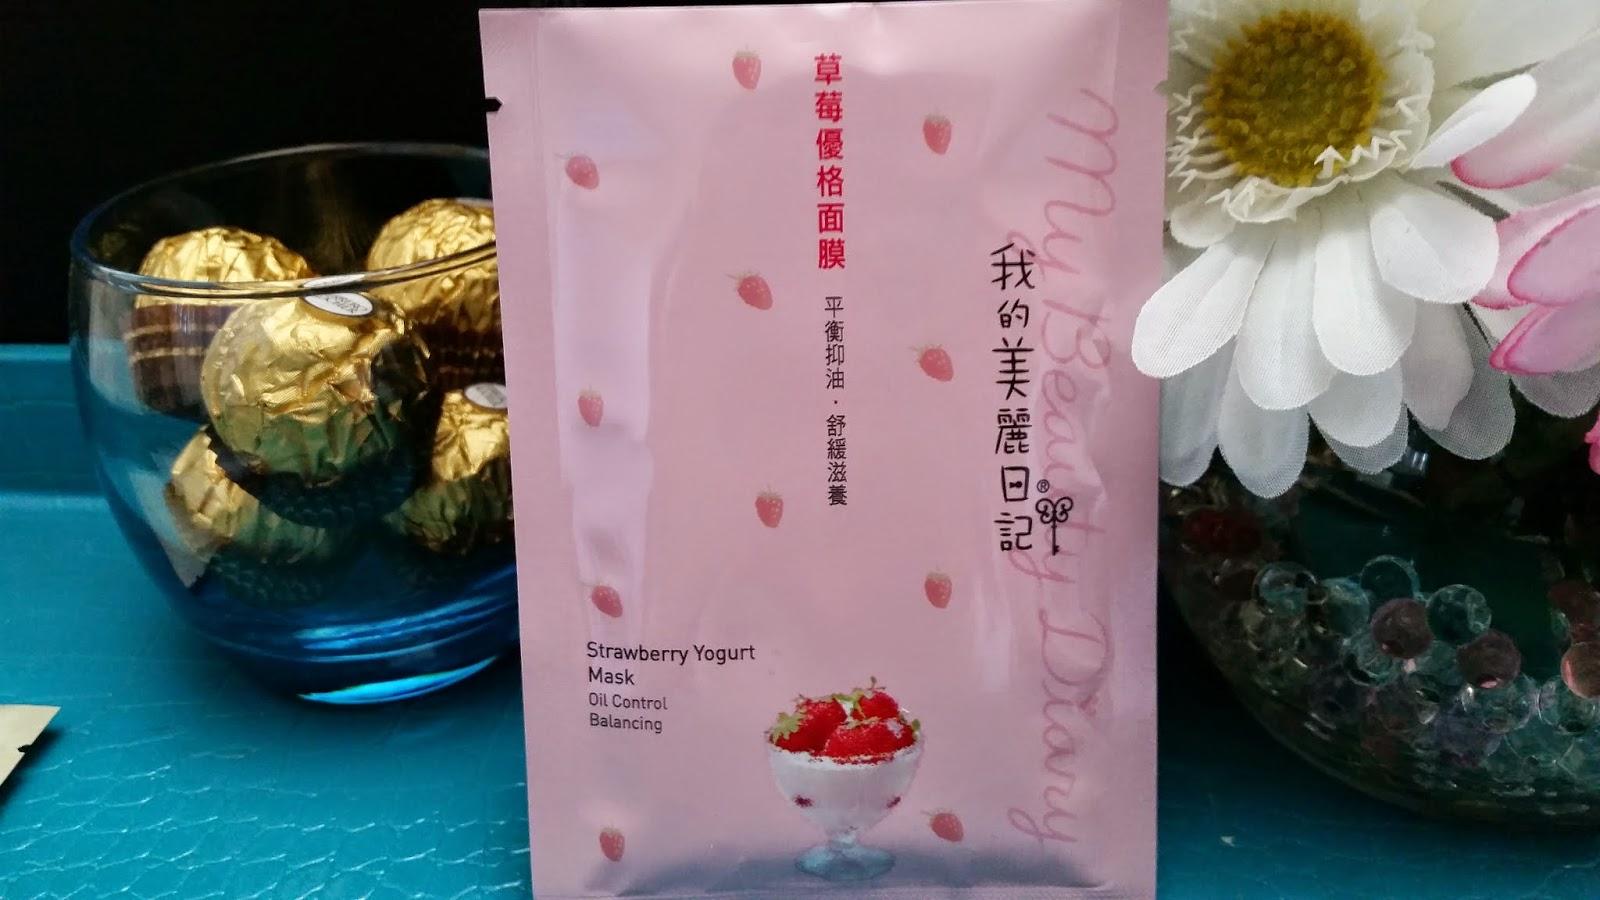 Strawberry Yogurt Mask